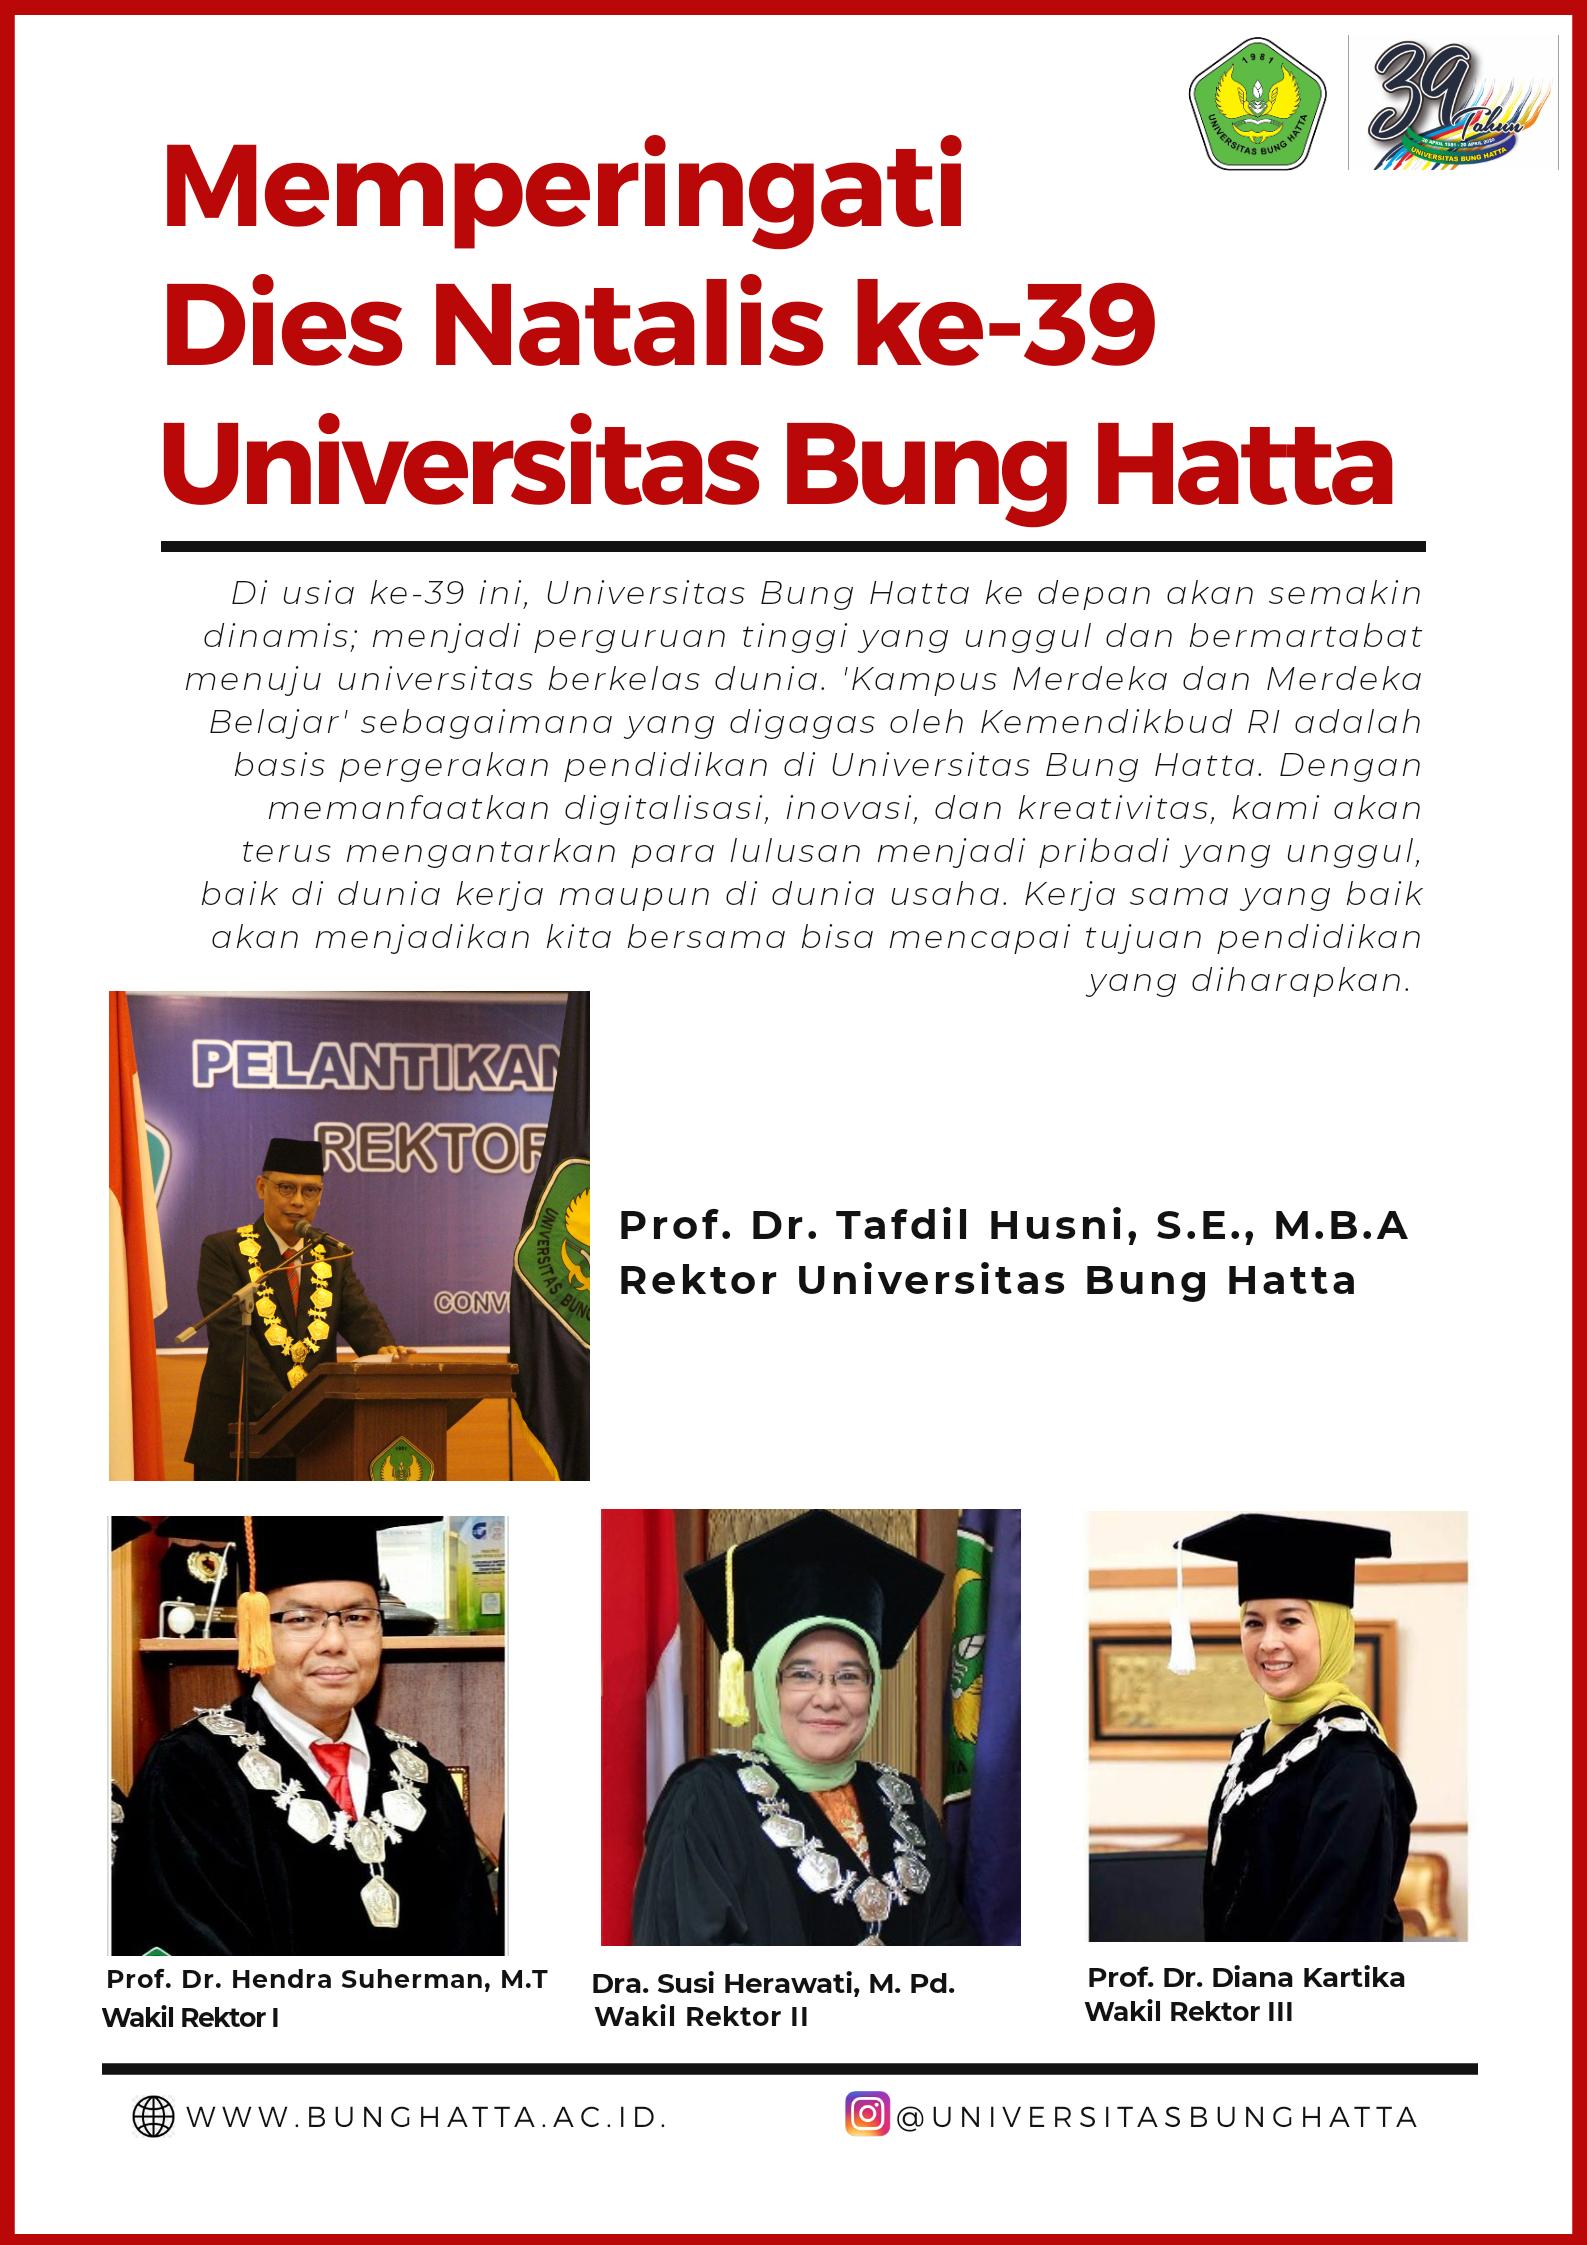 Genap Berusia 39 tahun, Universitas Bung Hatta Makin Diminati Masyarakat